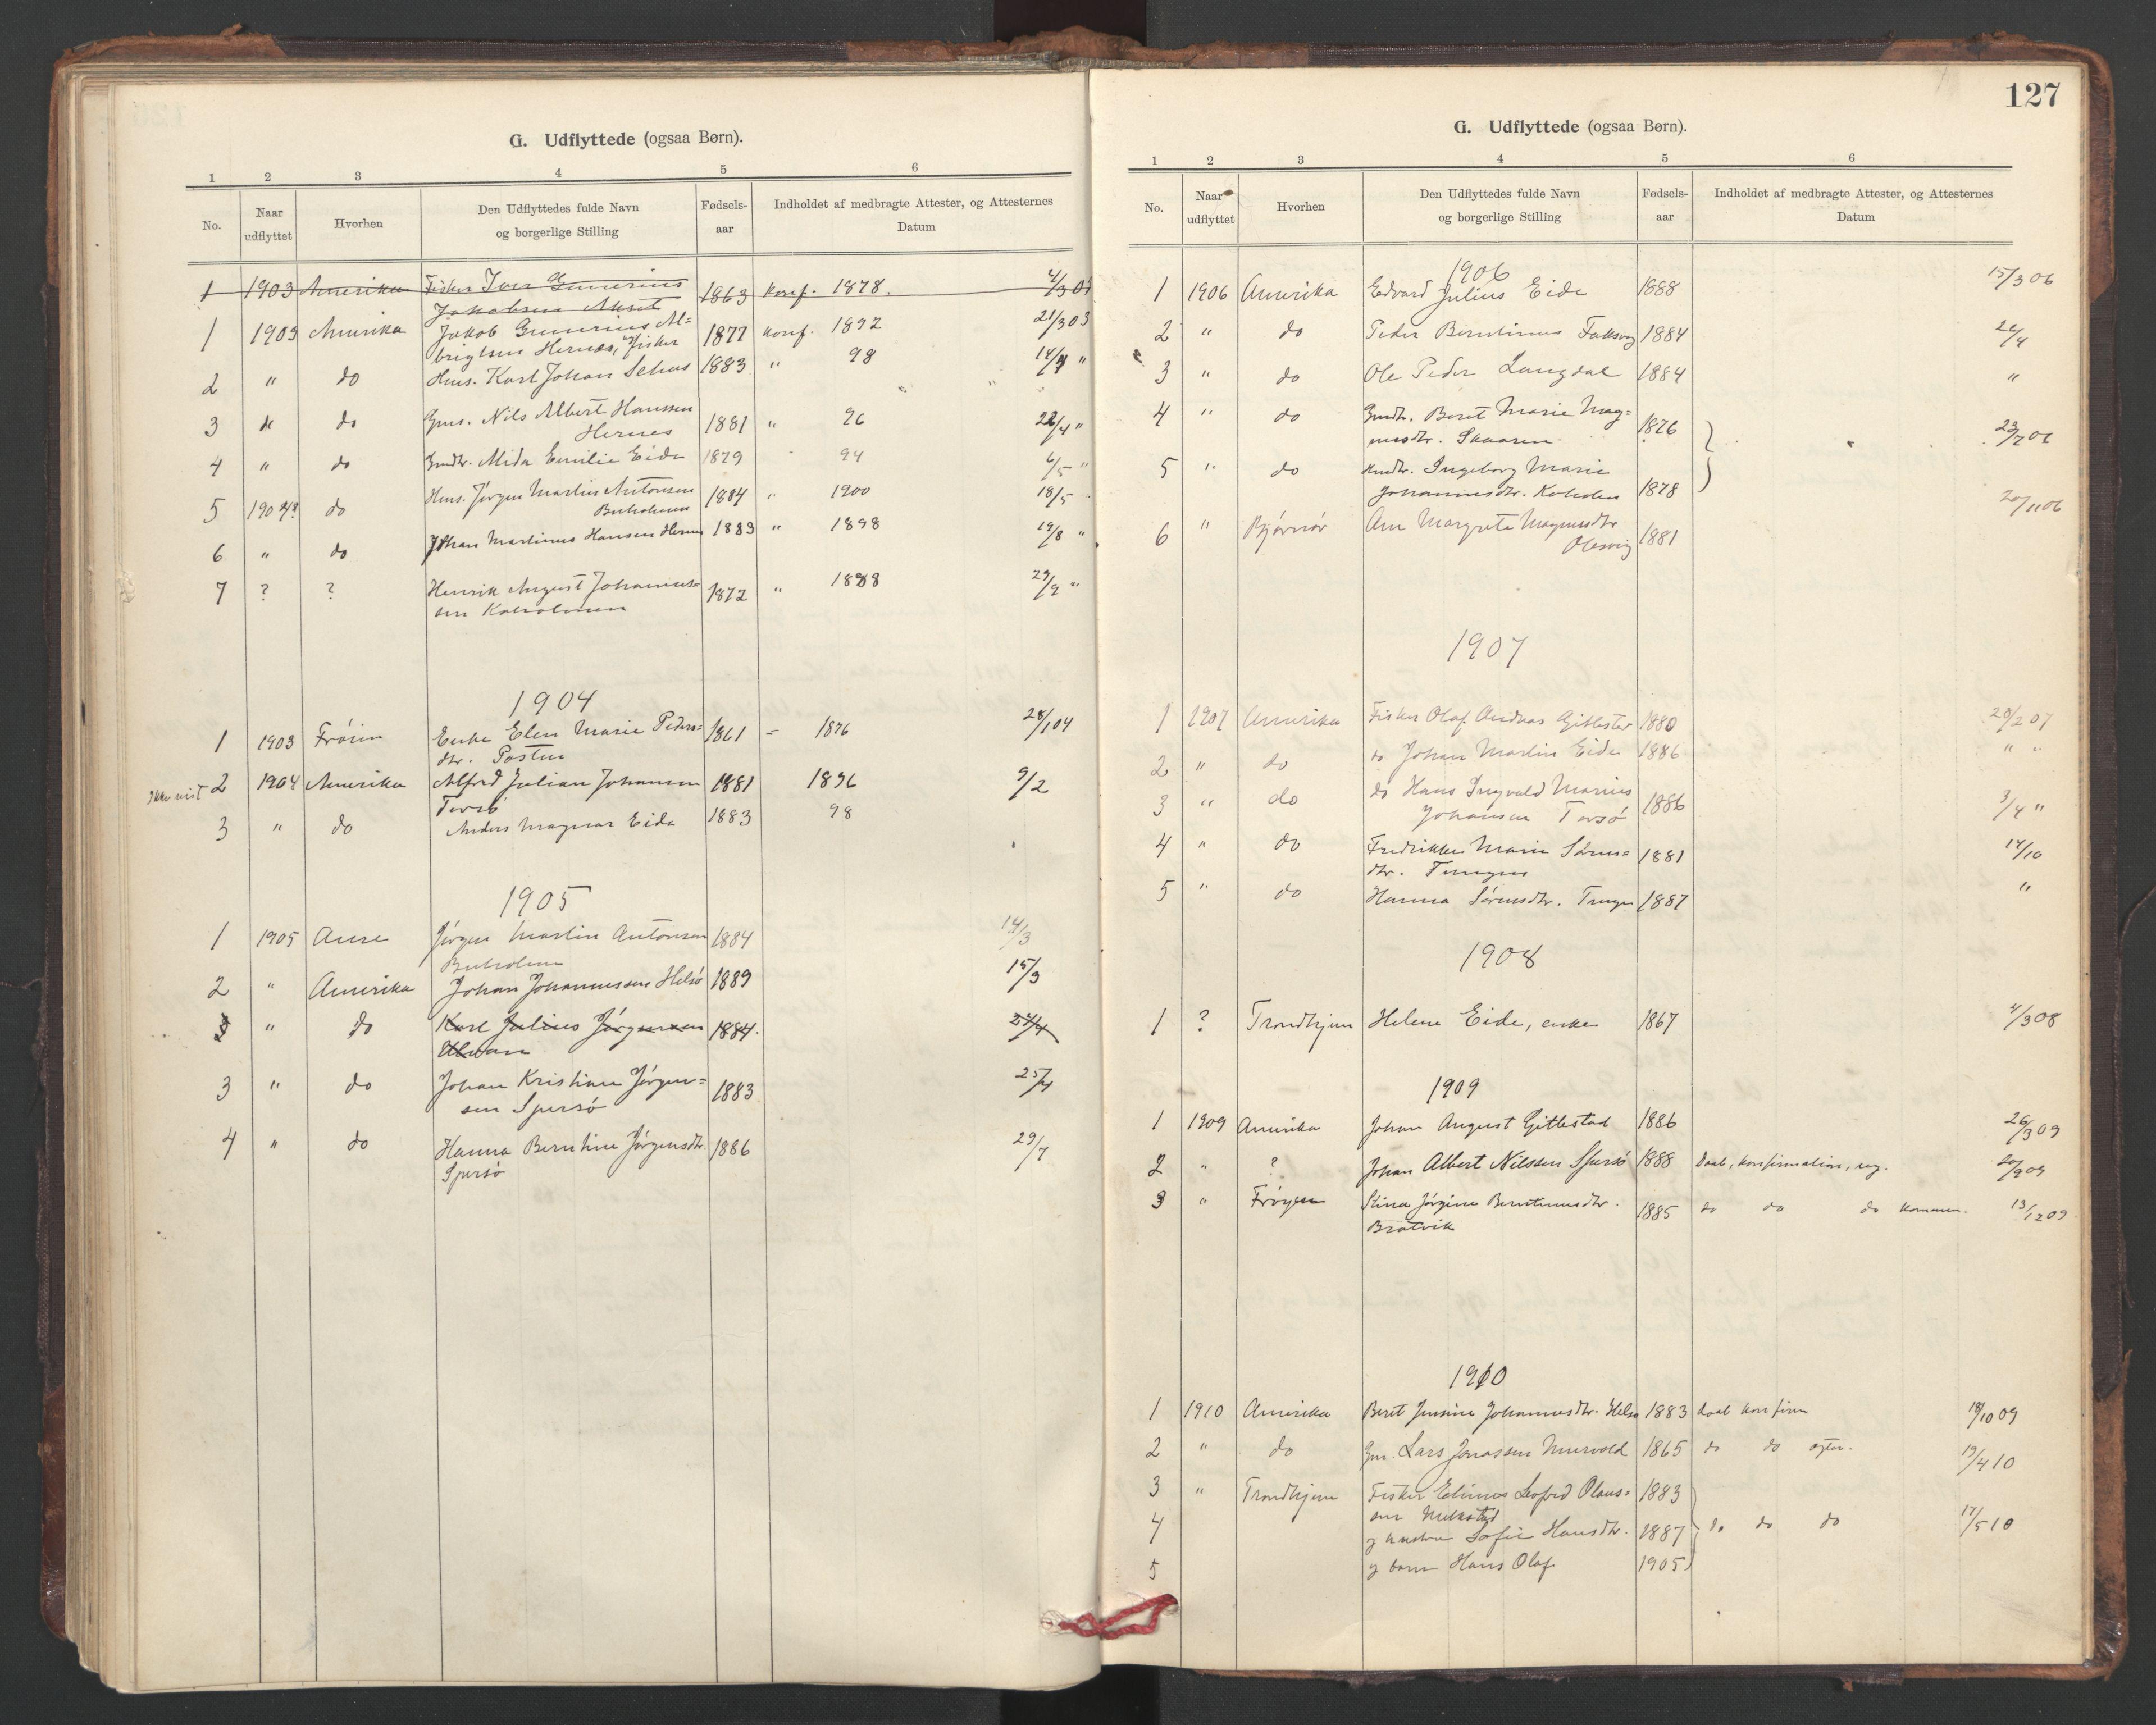 SAT, Ministerialprotokoller, klokkerbøker og fødselsregistre - Sør-Trøndelag, 635/L0552: Ministerialbok nr. 635A02, 1899-1919, s. 127